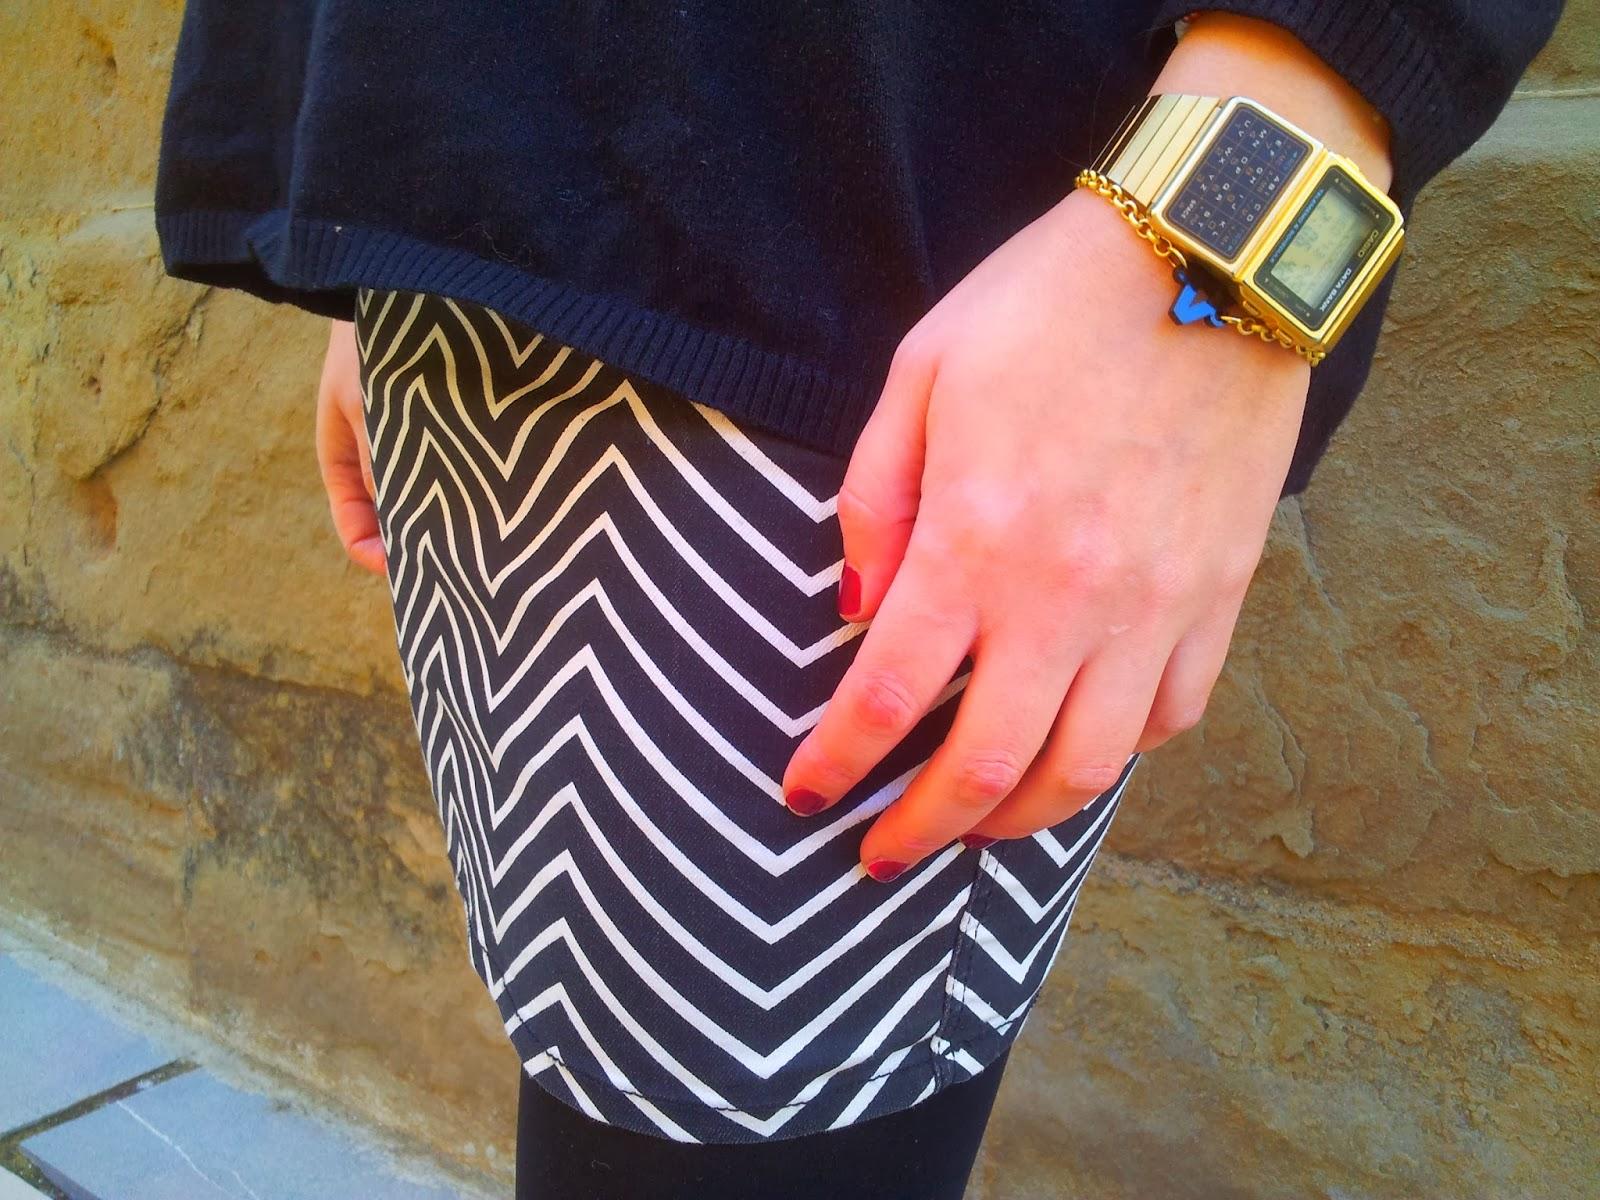 Falda bicolor blanco y negro de la nueva colección de H&M, muy combinable y cómoda. El must de la nueva temporada las sneakers de plataforma NO Name